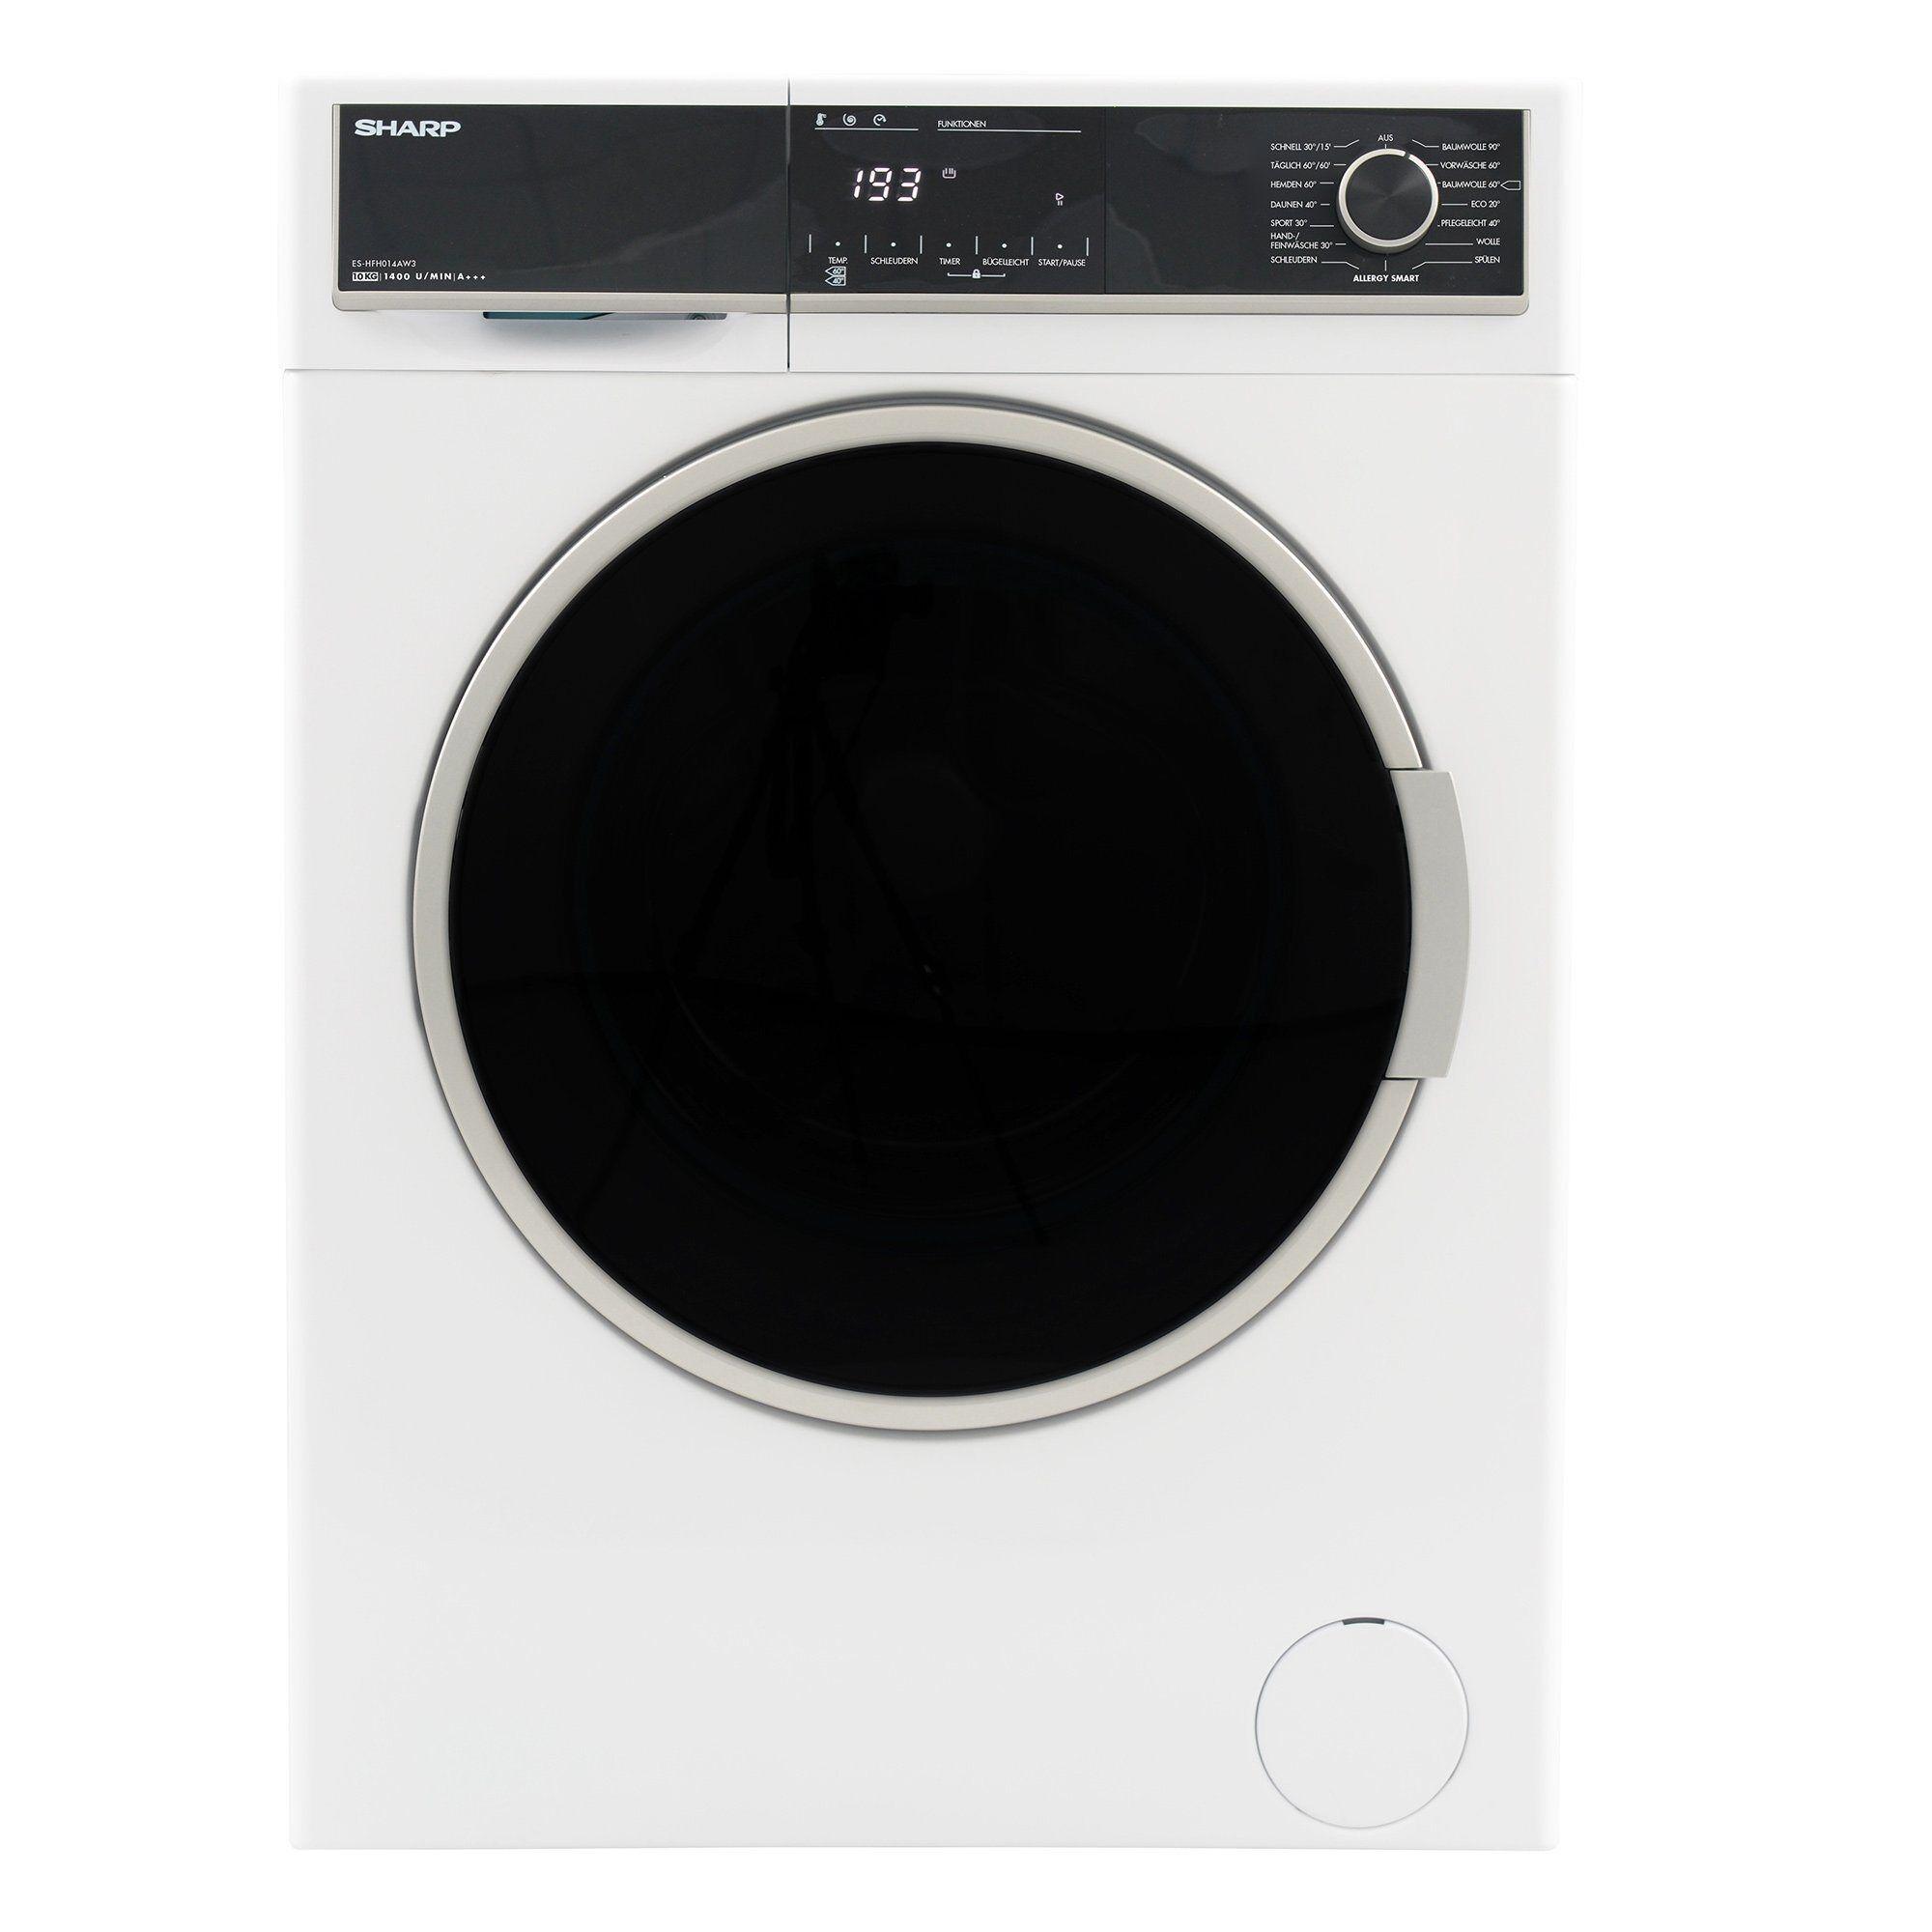 Sharp Waschmaschine ES-HFH014AW3-DE, 10 kg, 1400 U/Min, Energieeffizienzklasse A+++